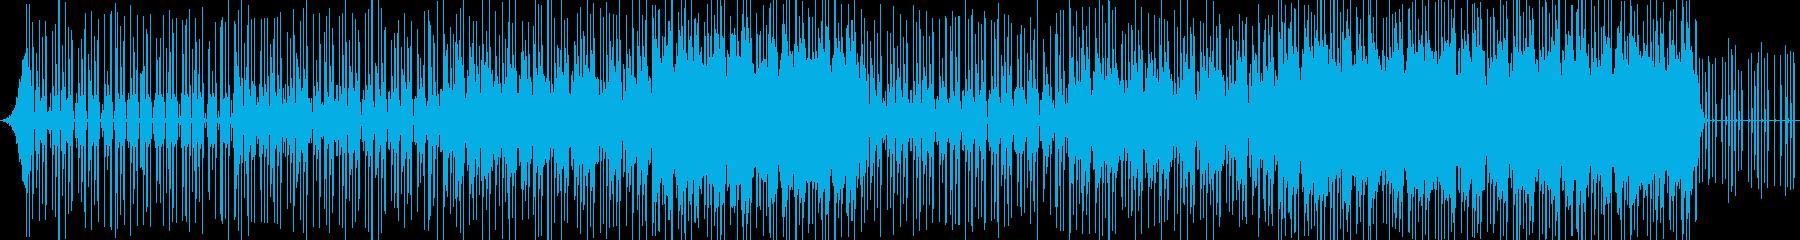 ピコピコ音が印象的なコミカルなBGMの再生済みの波形